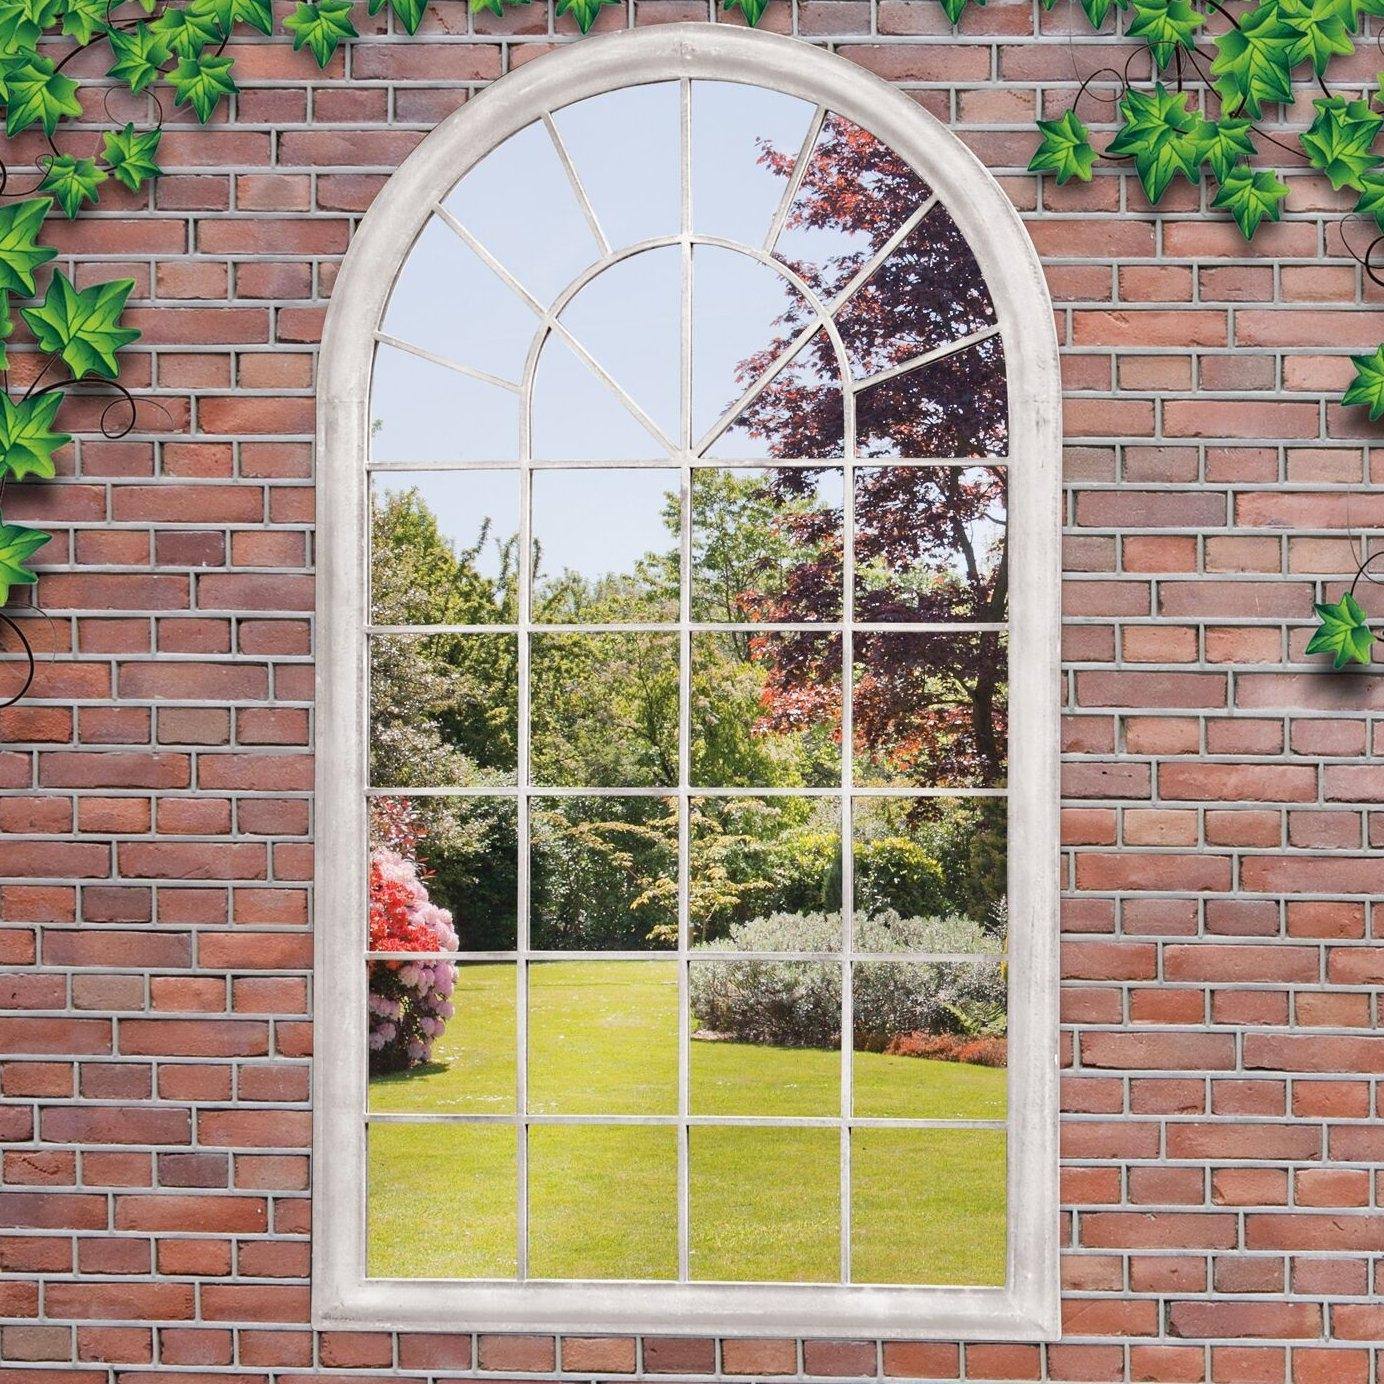 Suntime Outdoor Living Garden Window Mirror Wall Decor Reviews Regarding Garden Wall Mirrors (Image 14 of 15)